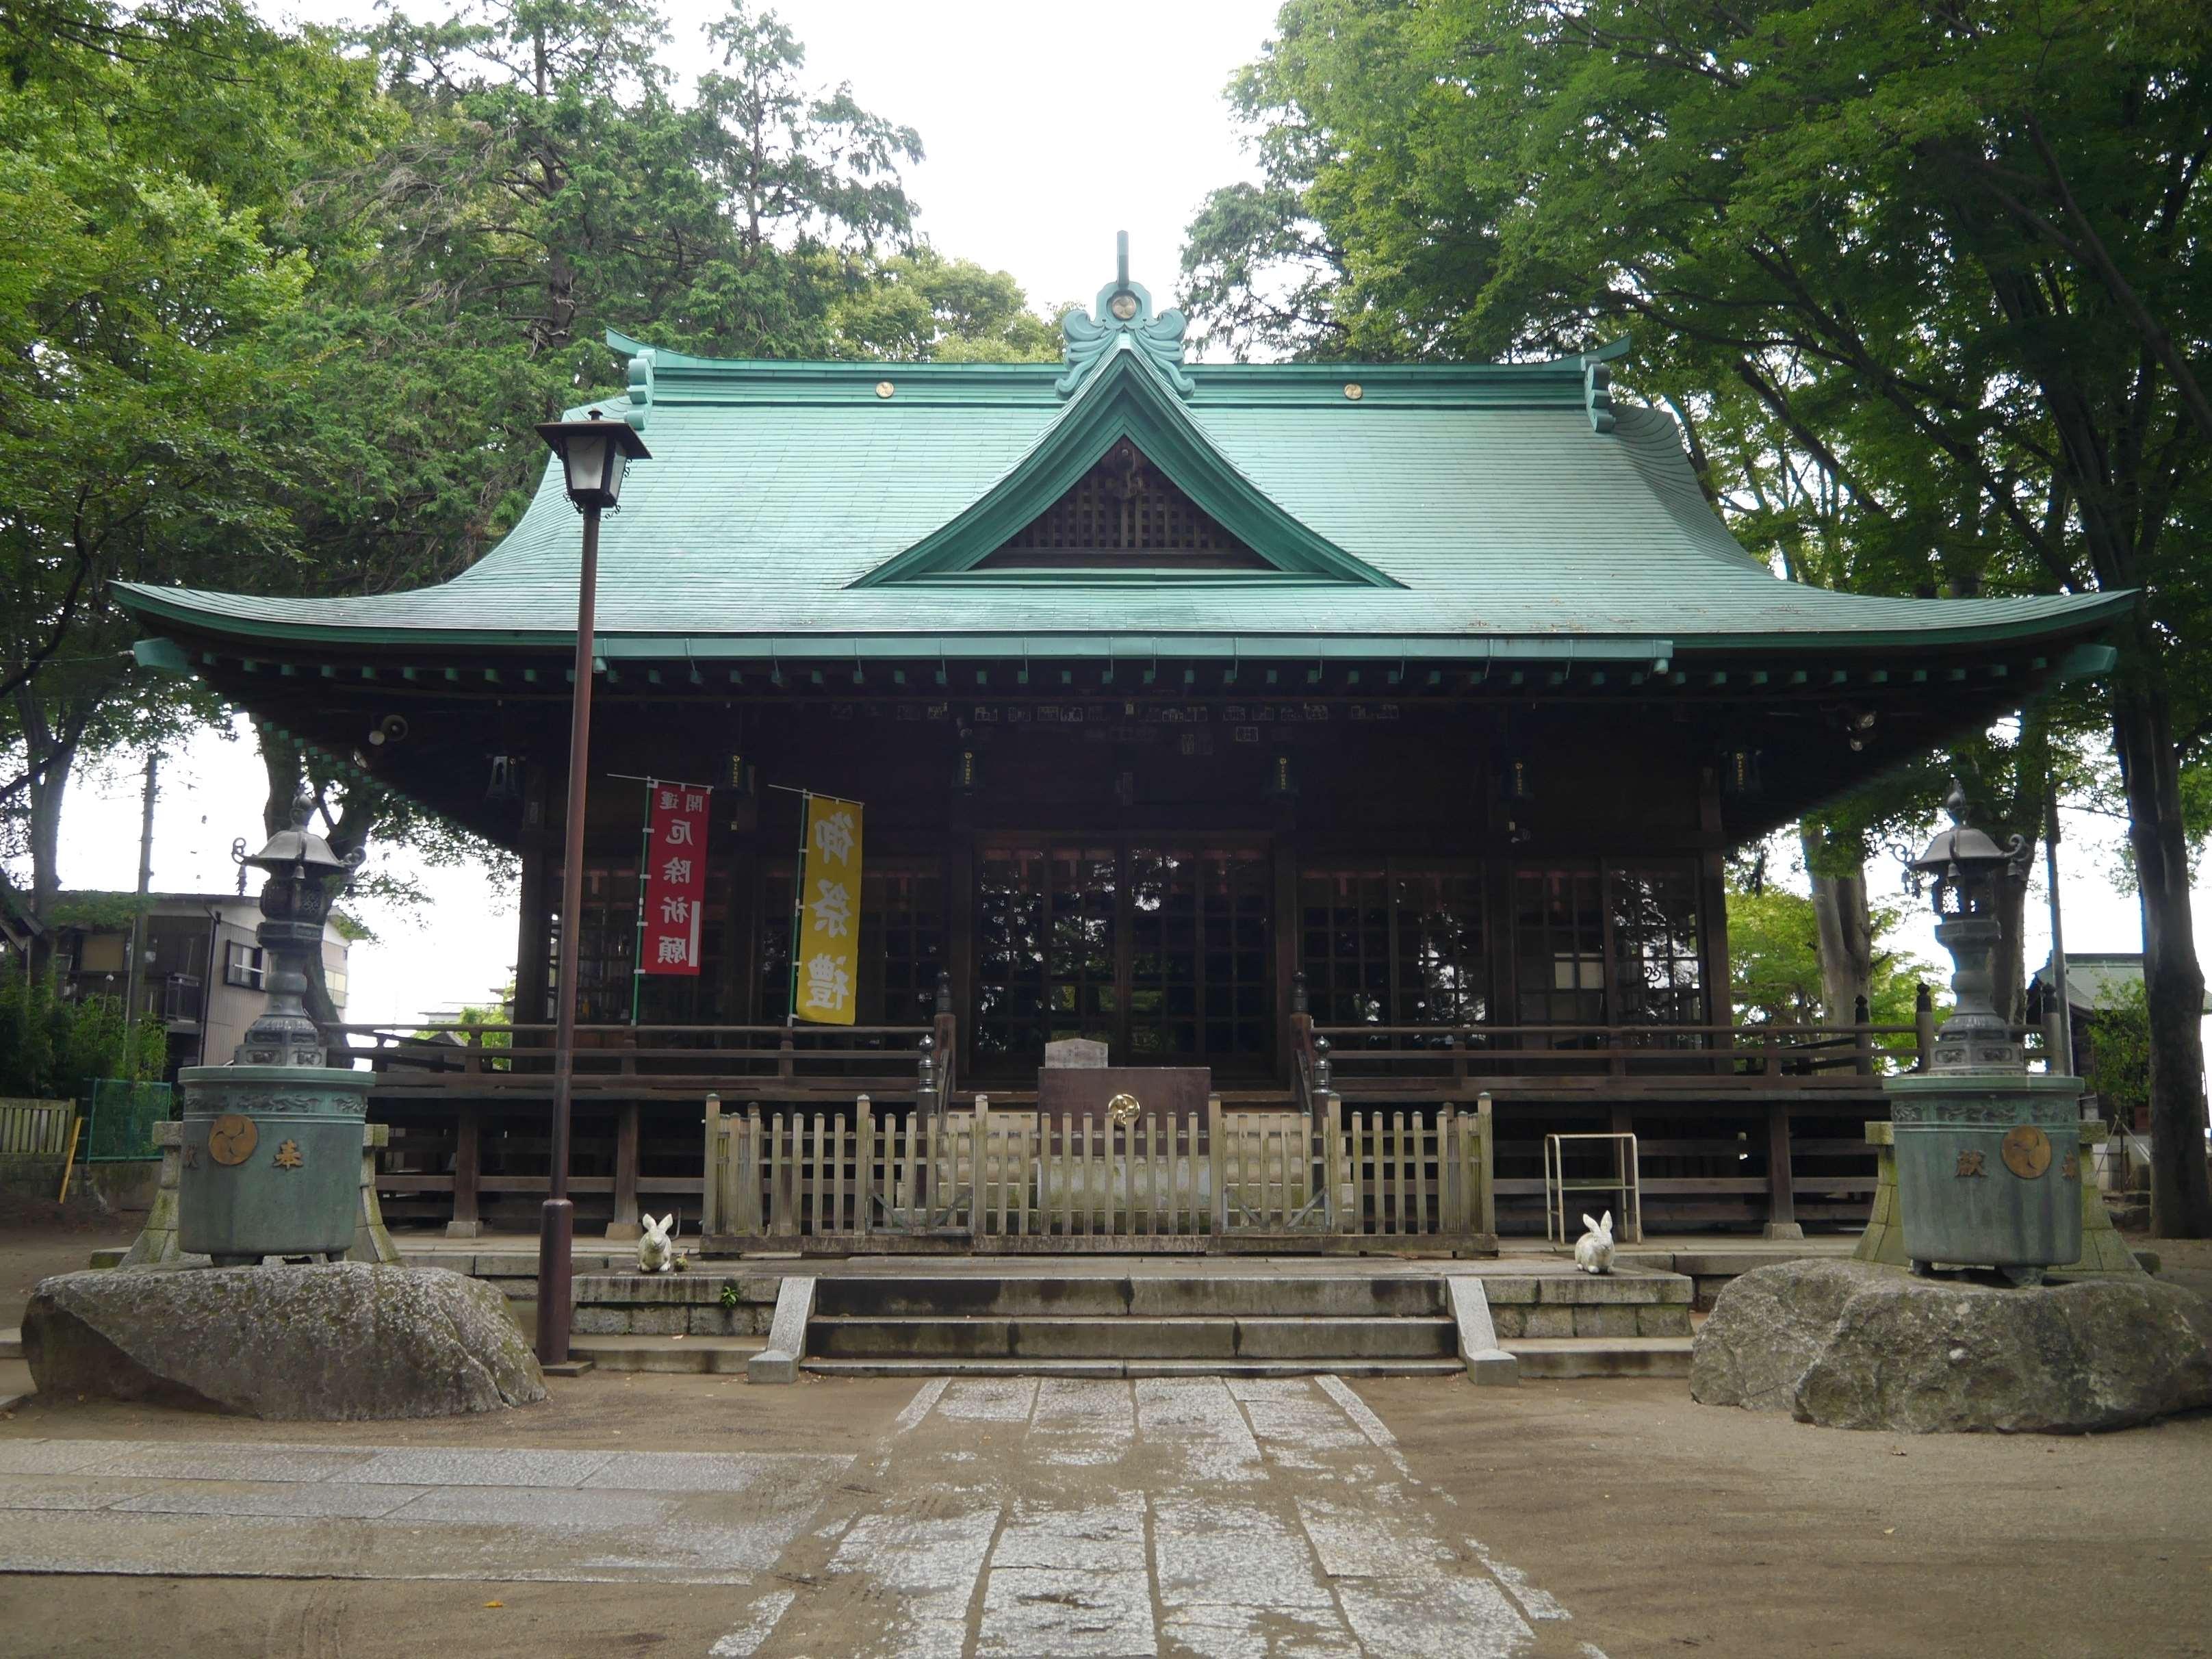 『『『羽黒神社』の画像』の画像』の画像